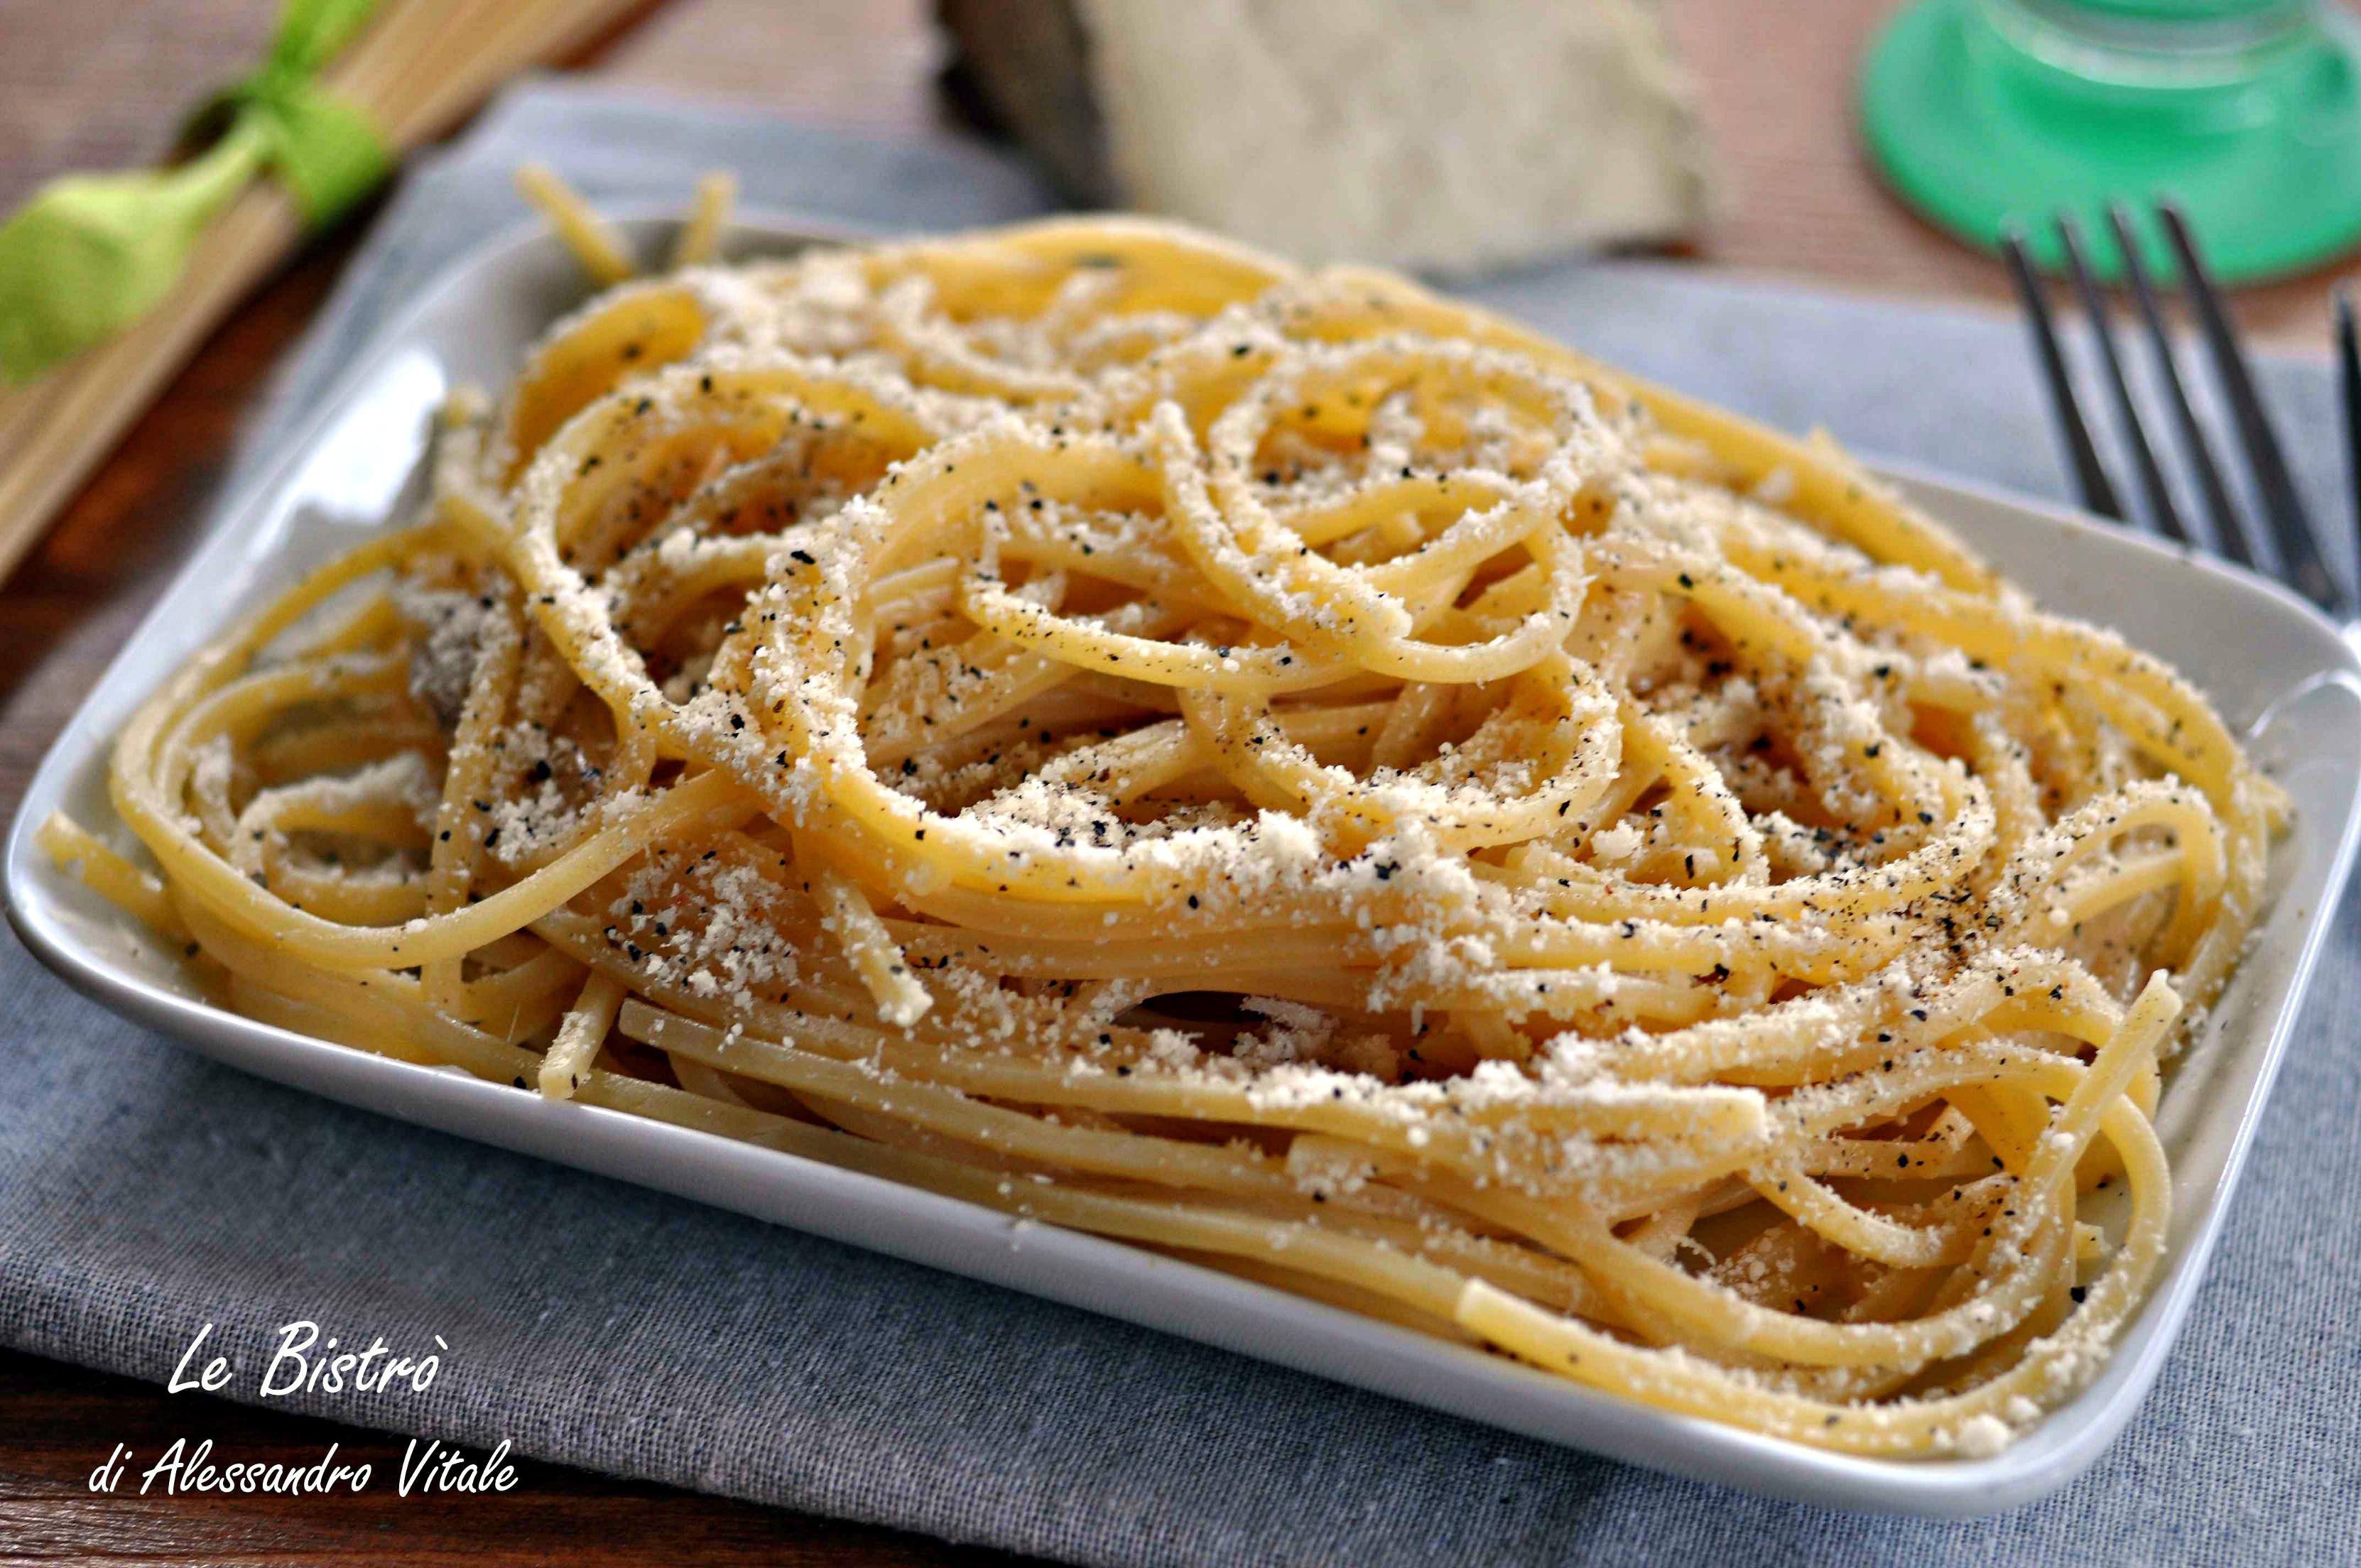 Spaghetti cacio e pepe for Ricette romane tradizionali